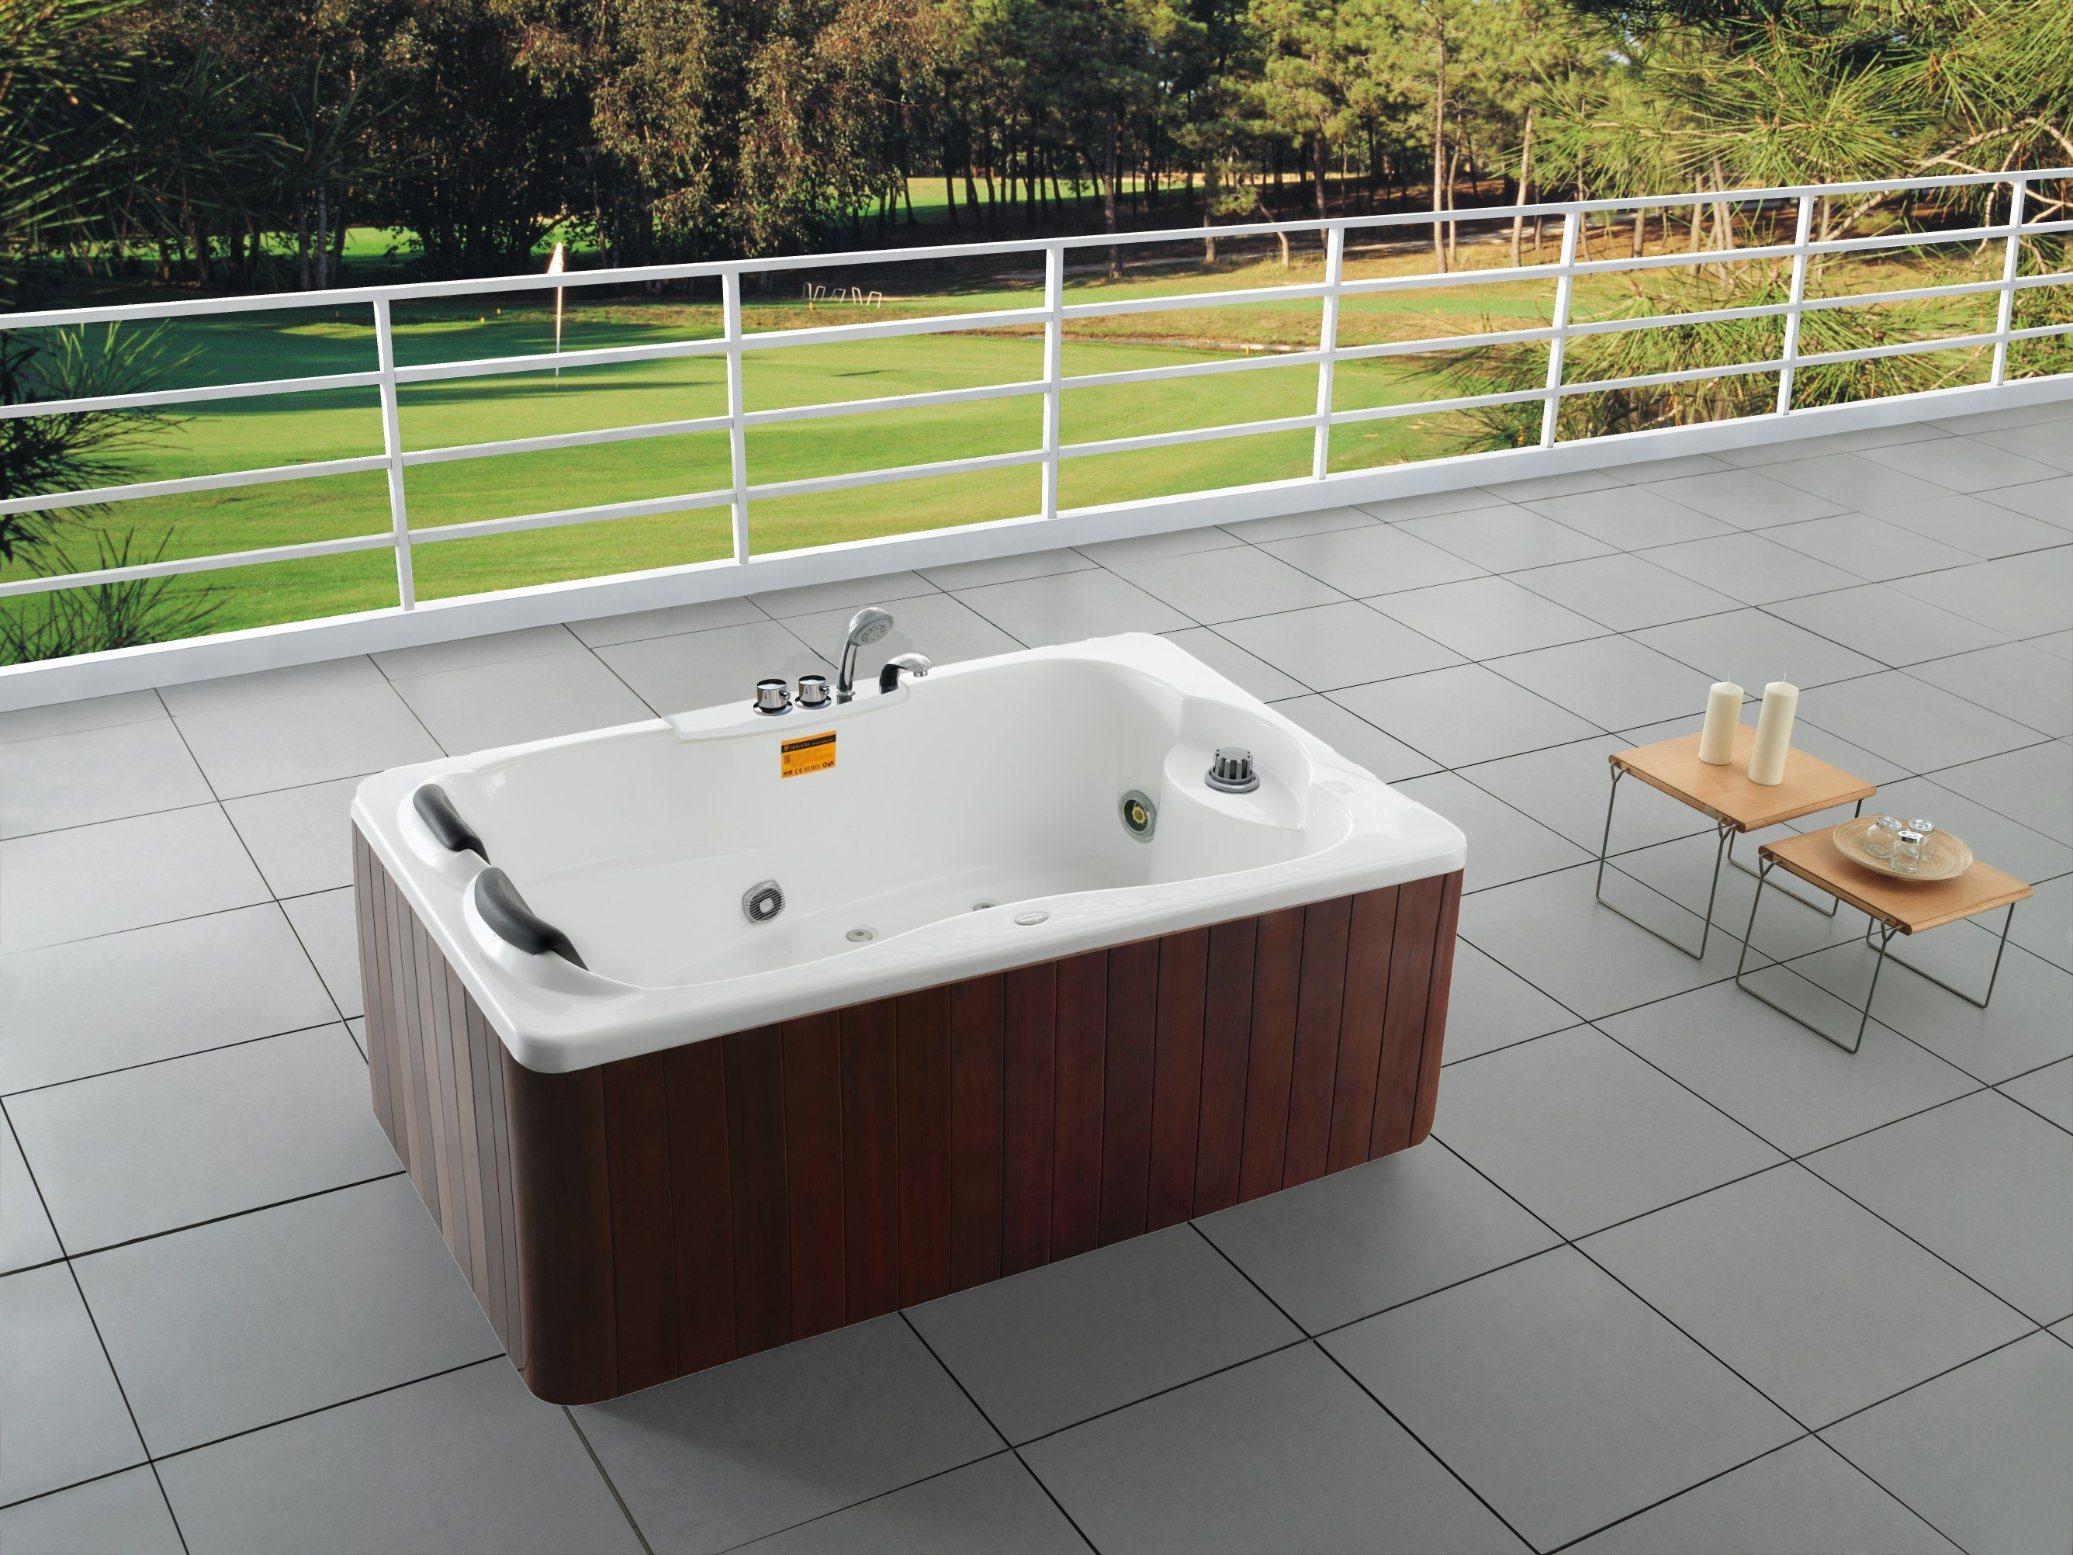 China Indoor 1 2 People Bathtub Hot Tub - China Indoor Massage ...